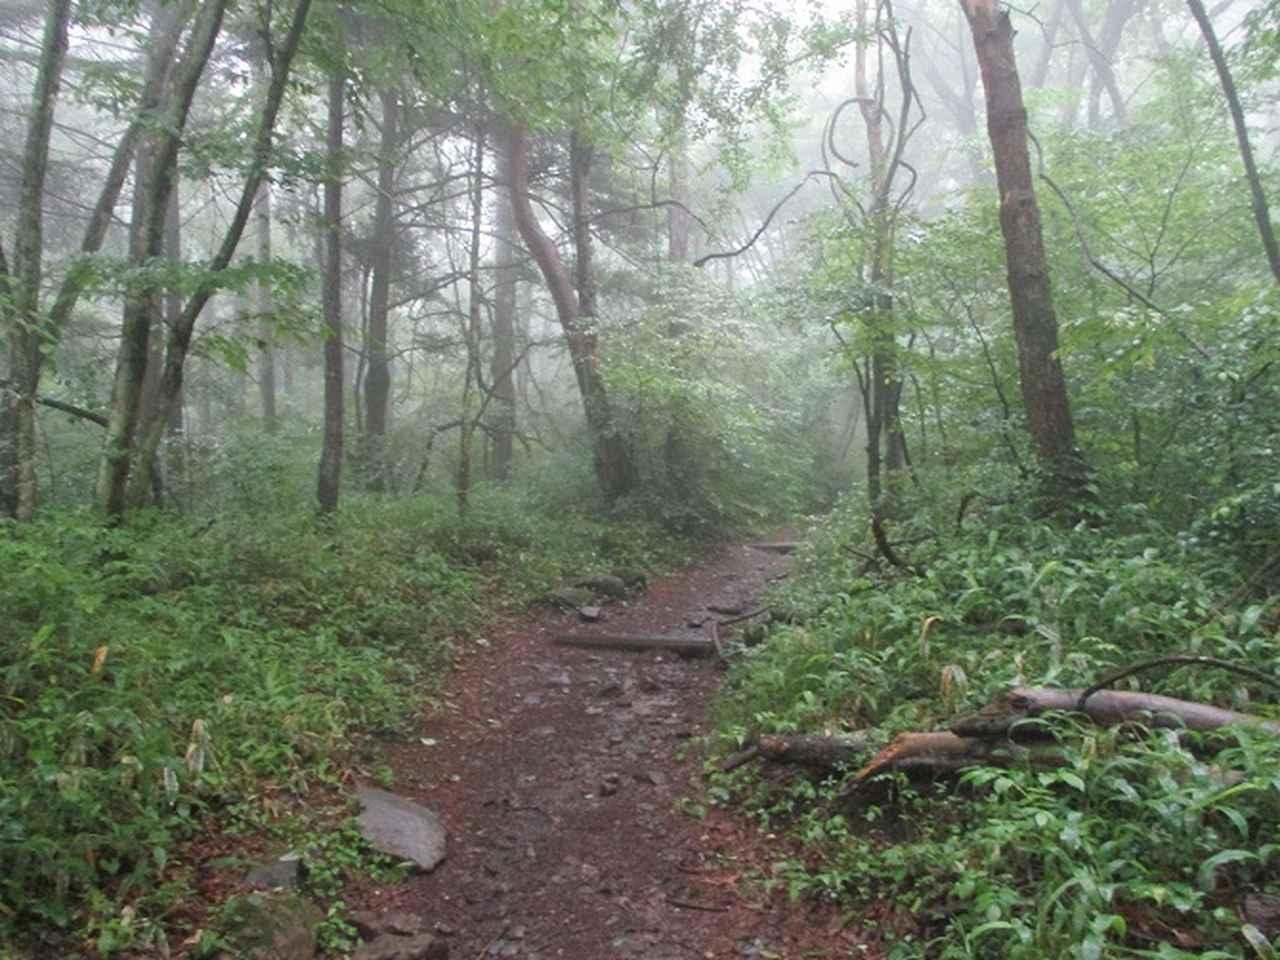 画像1: 7月の山旅会 「飯盛山」 ツアーの下見に行ってきました!